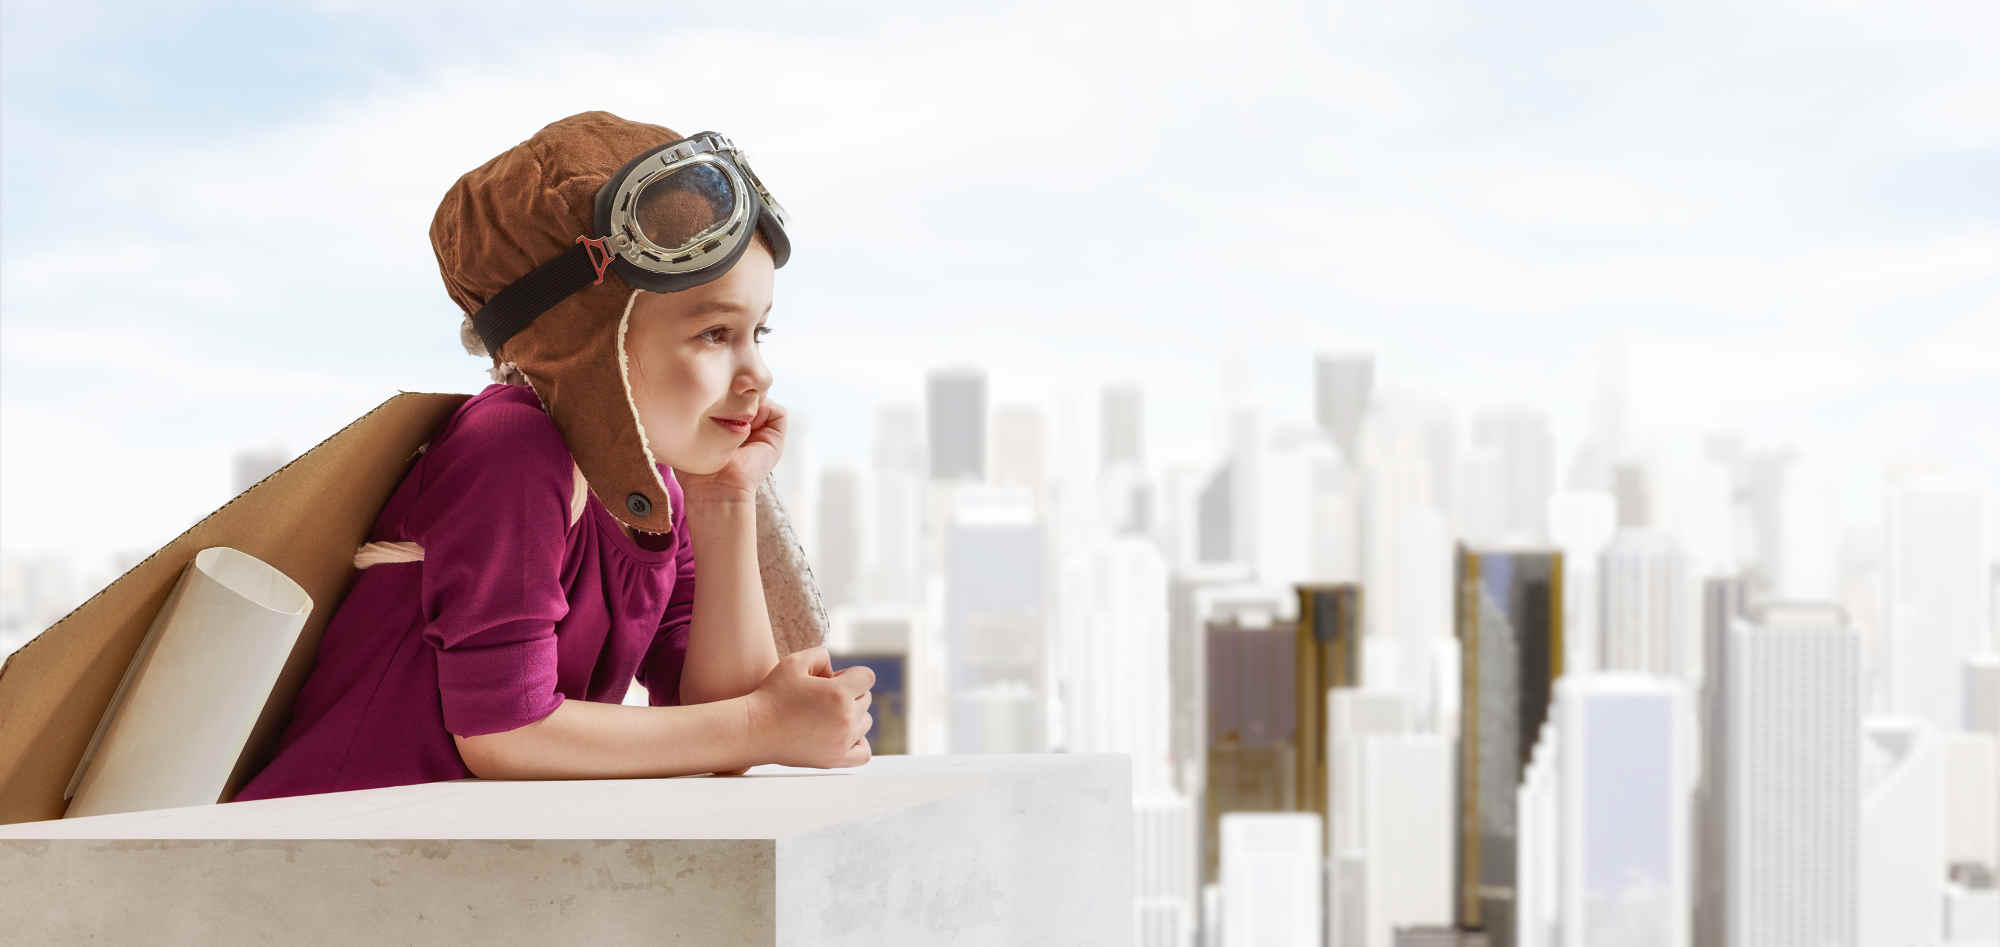 junges Mädchen das vom Traumberuf als Pilotin träumt - TalentLoop damit es nicht bei einem Traum bleibt